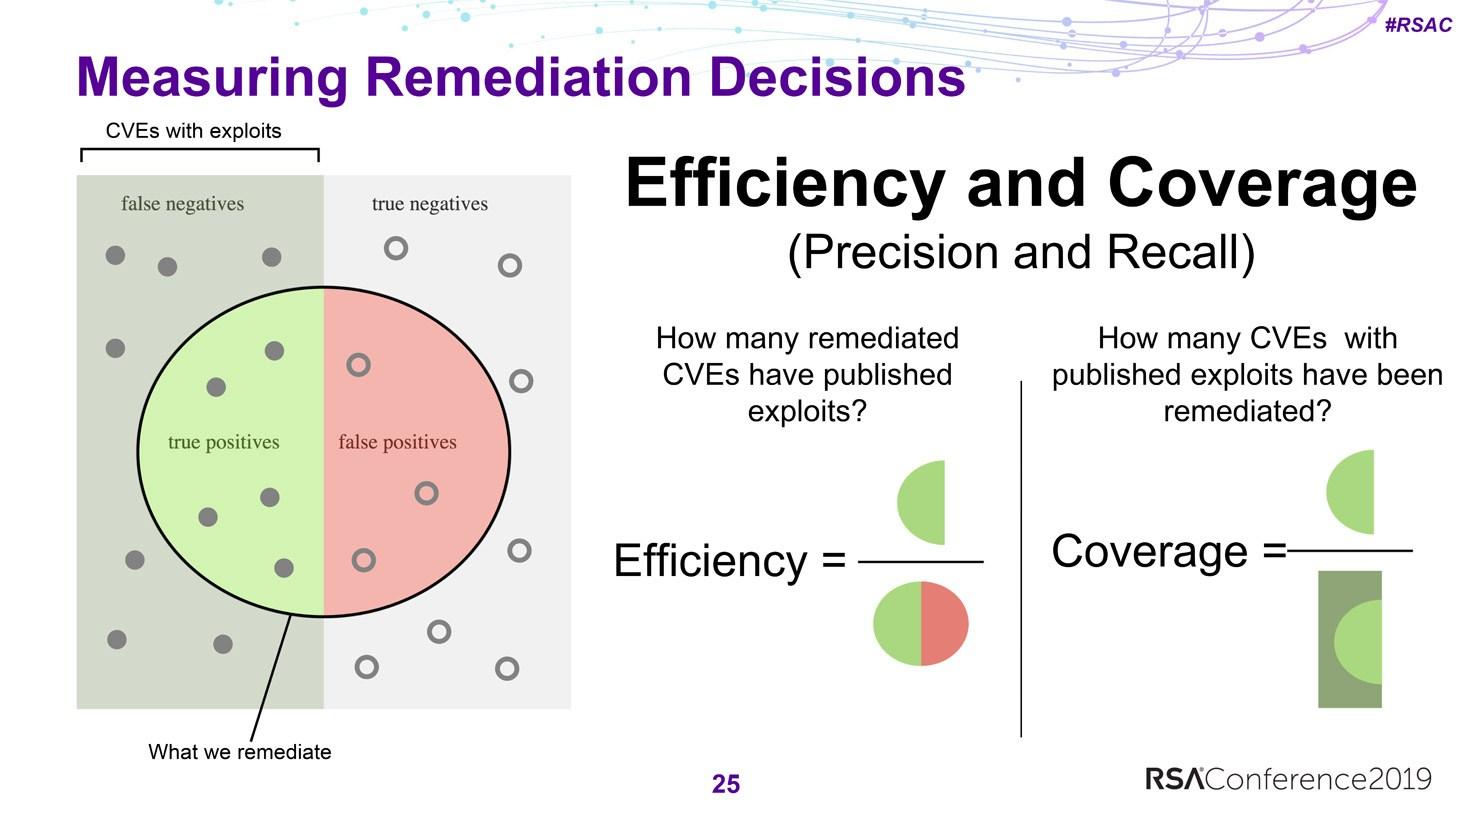 De onderzoekers hebben de relevantie van patch-strategieën gemeten op twee punten: efficiëntie en dekking